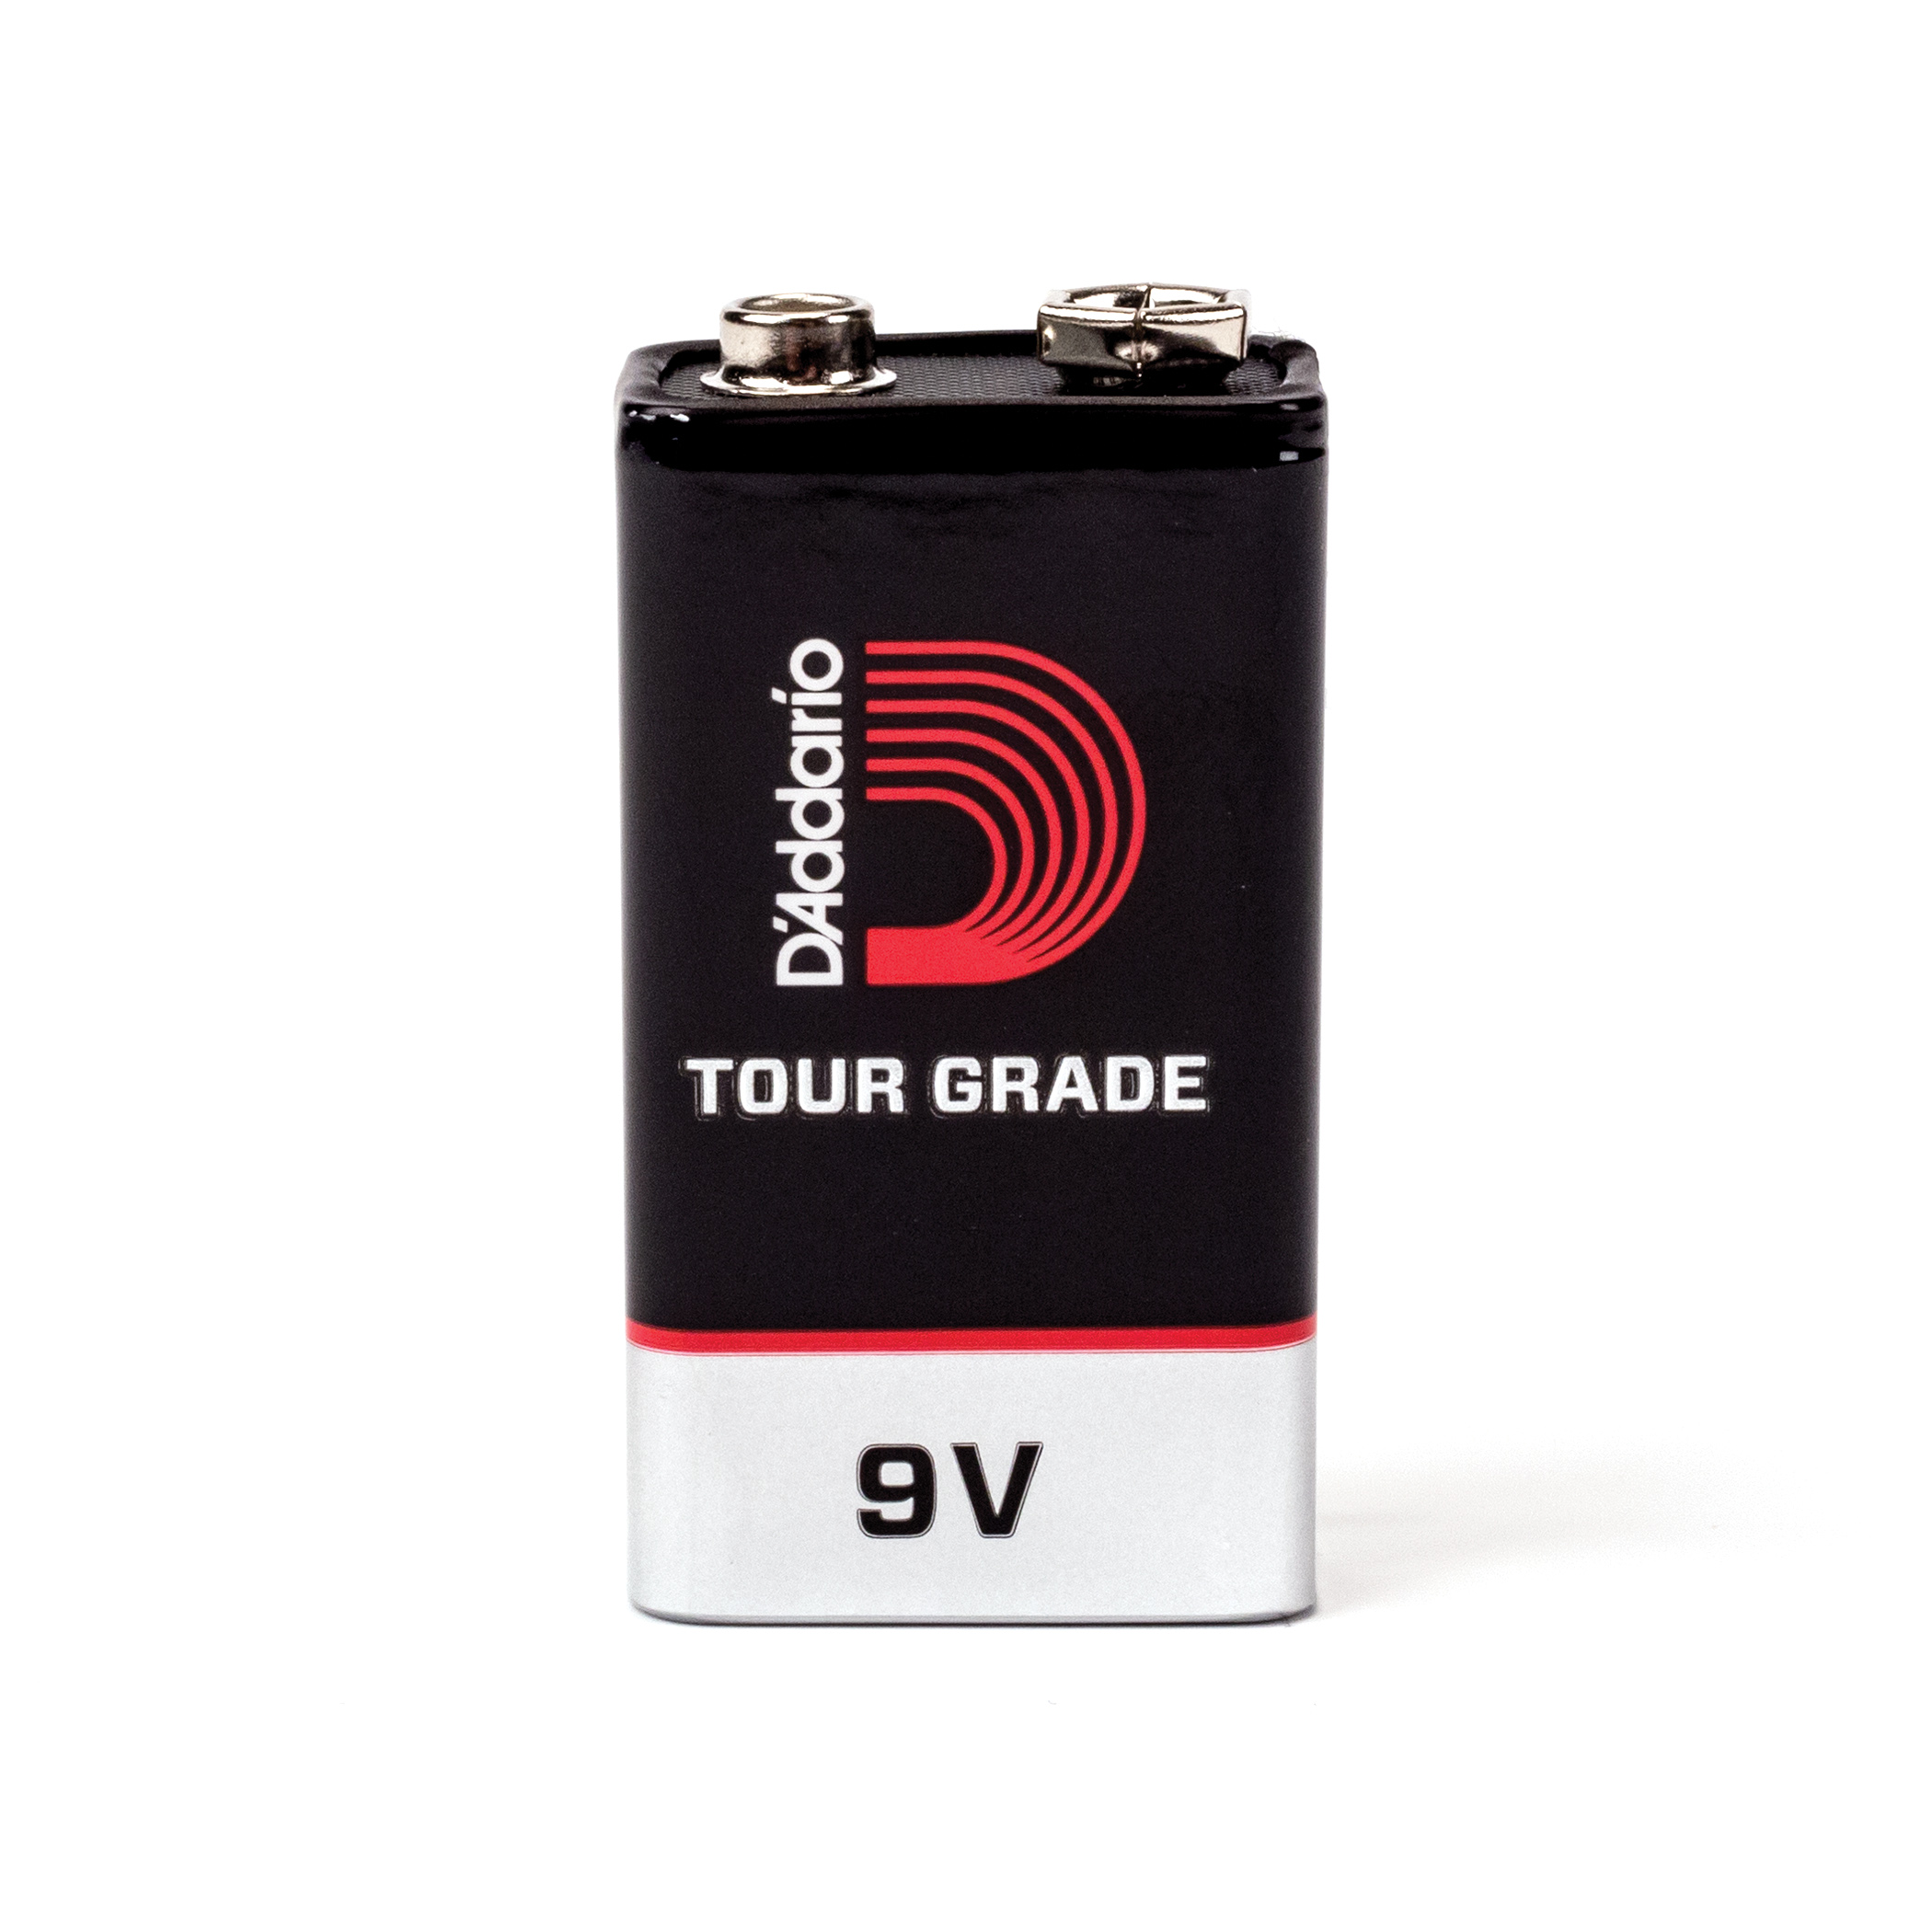 D'Addario PW-9V-02  Tour-Grade 9v Battery Packs